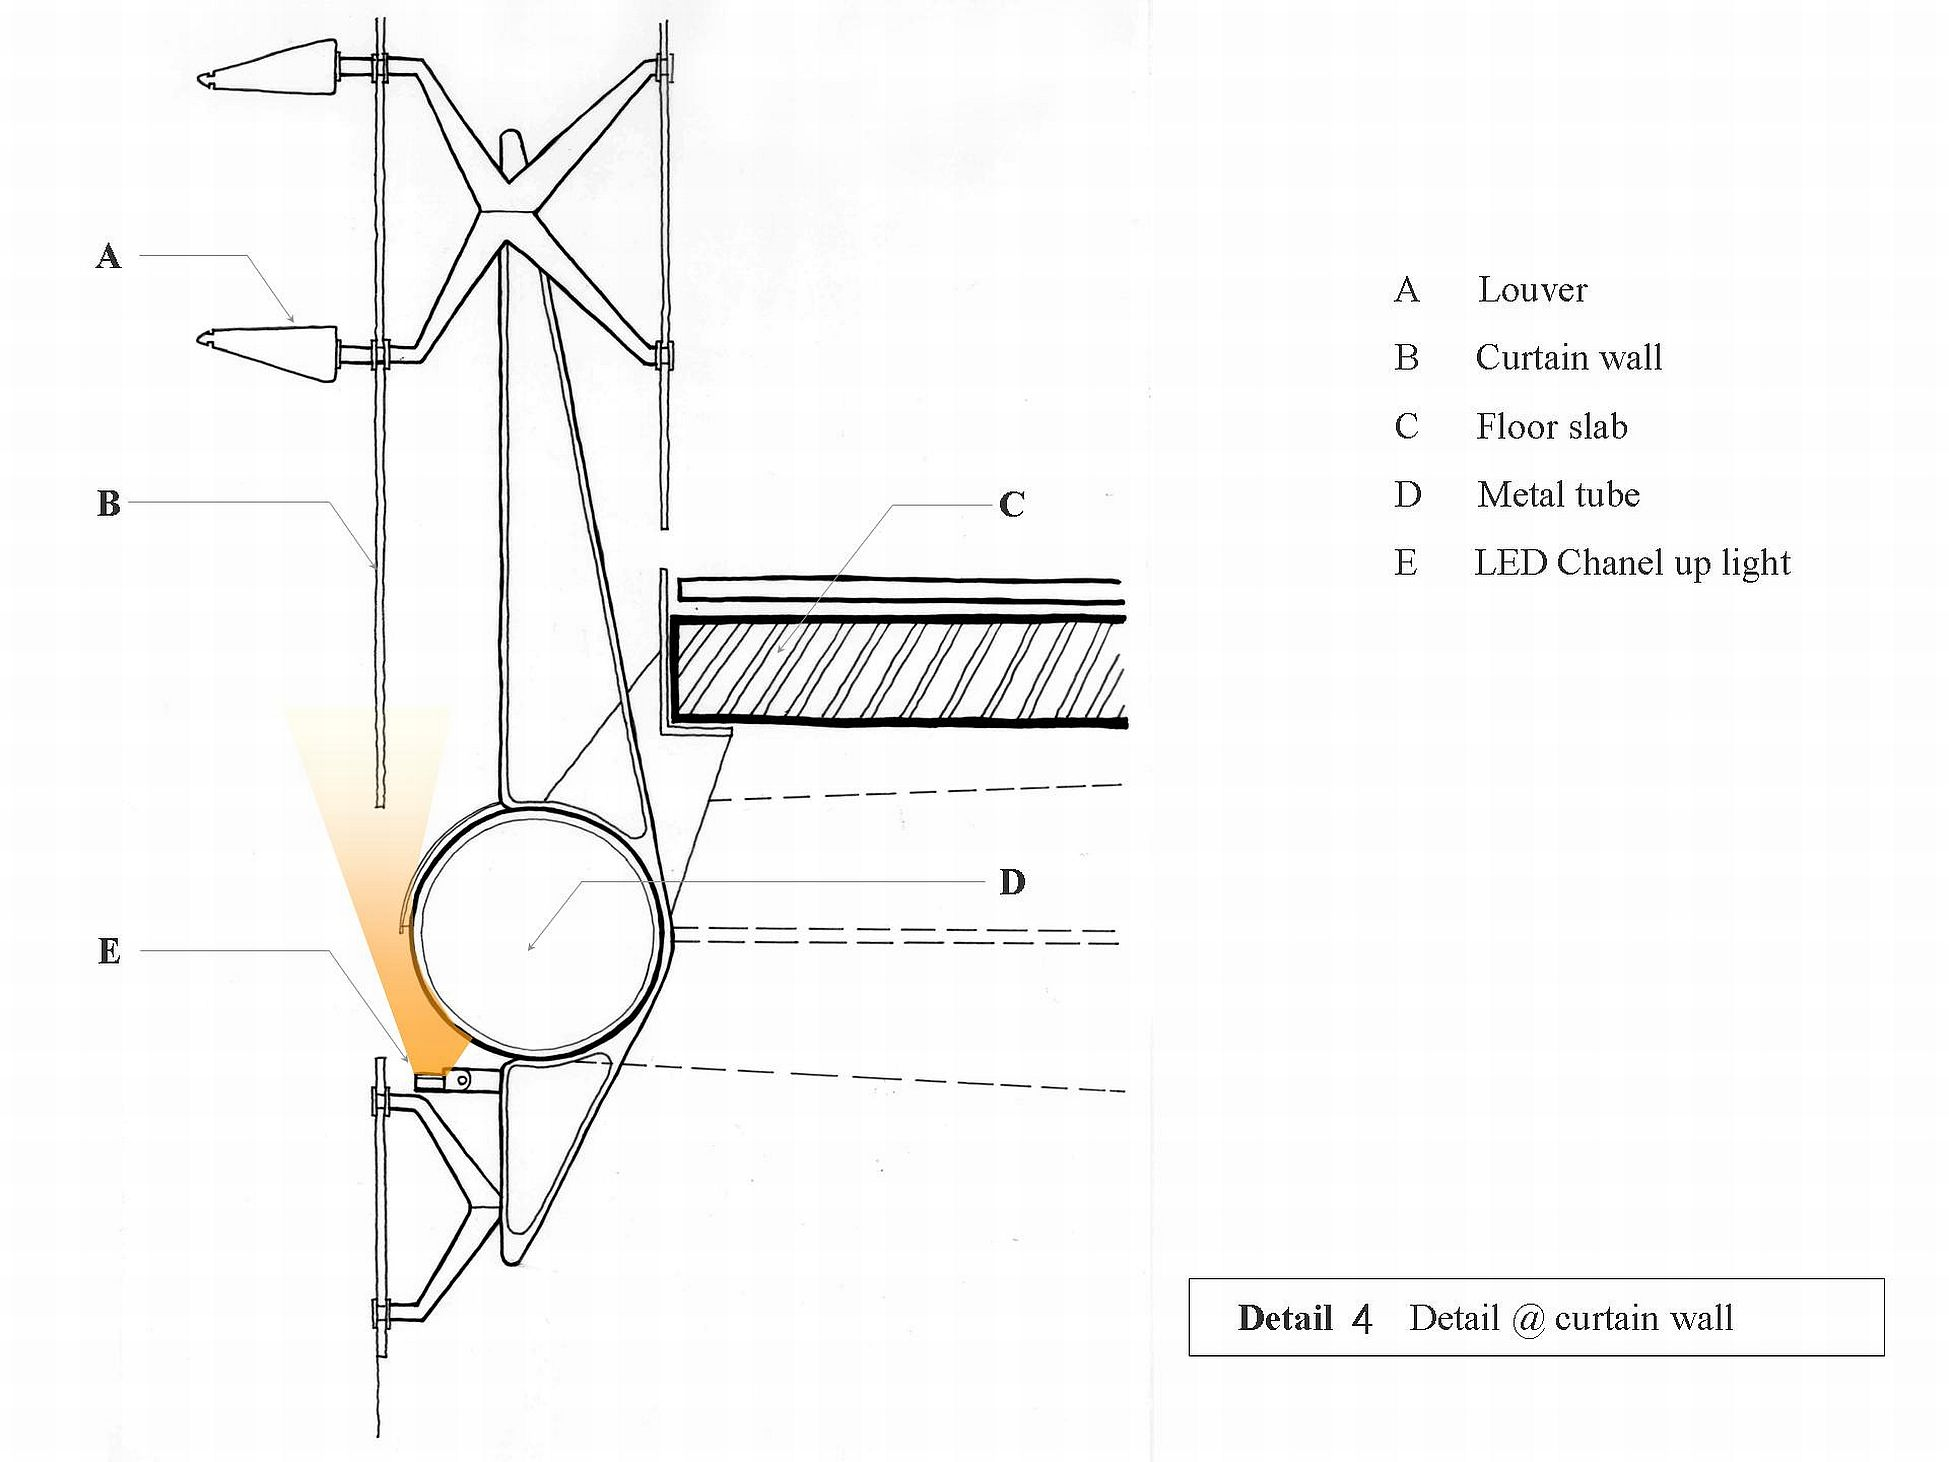 Dettaglio con sezione verticale del sistema di facciata. A. Frangisole, B. Facciata continua vetrata, C. Soletta pavimento, D. Profilo tubolare metallico, E. Canalina di alloggiamento sistema di illuminazione LED uplight (cortesia: CMA Lighting Design Inc.)